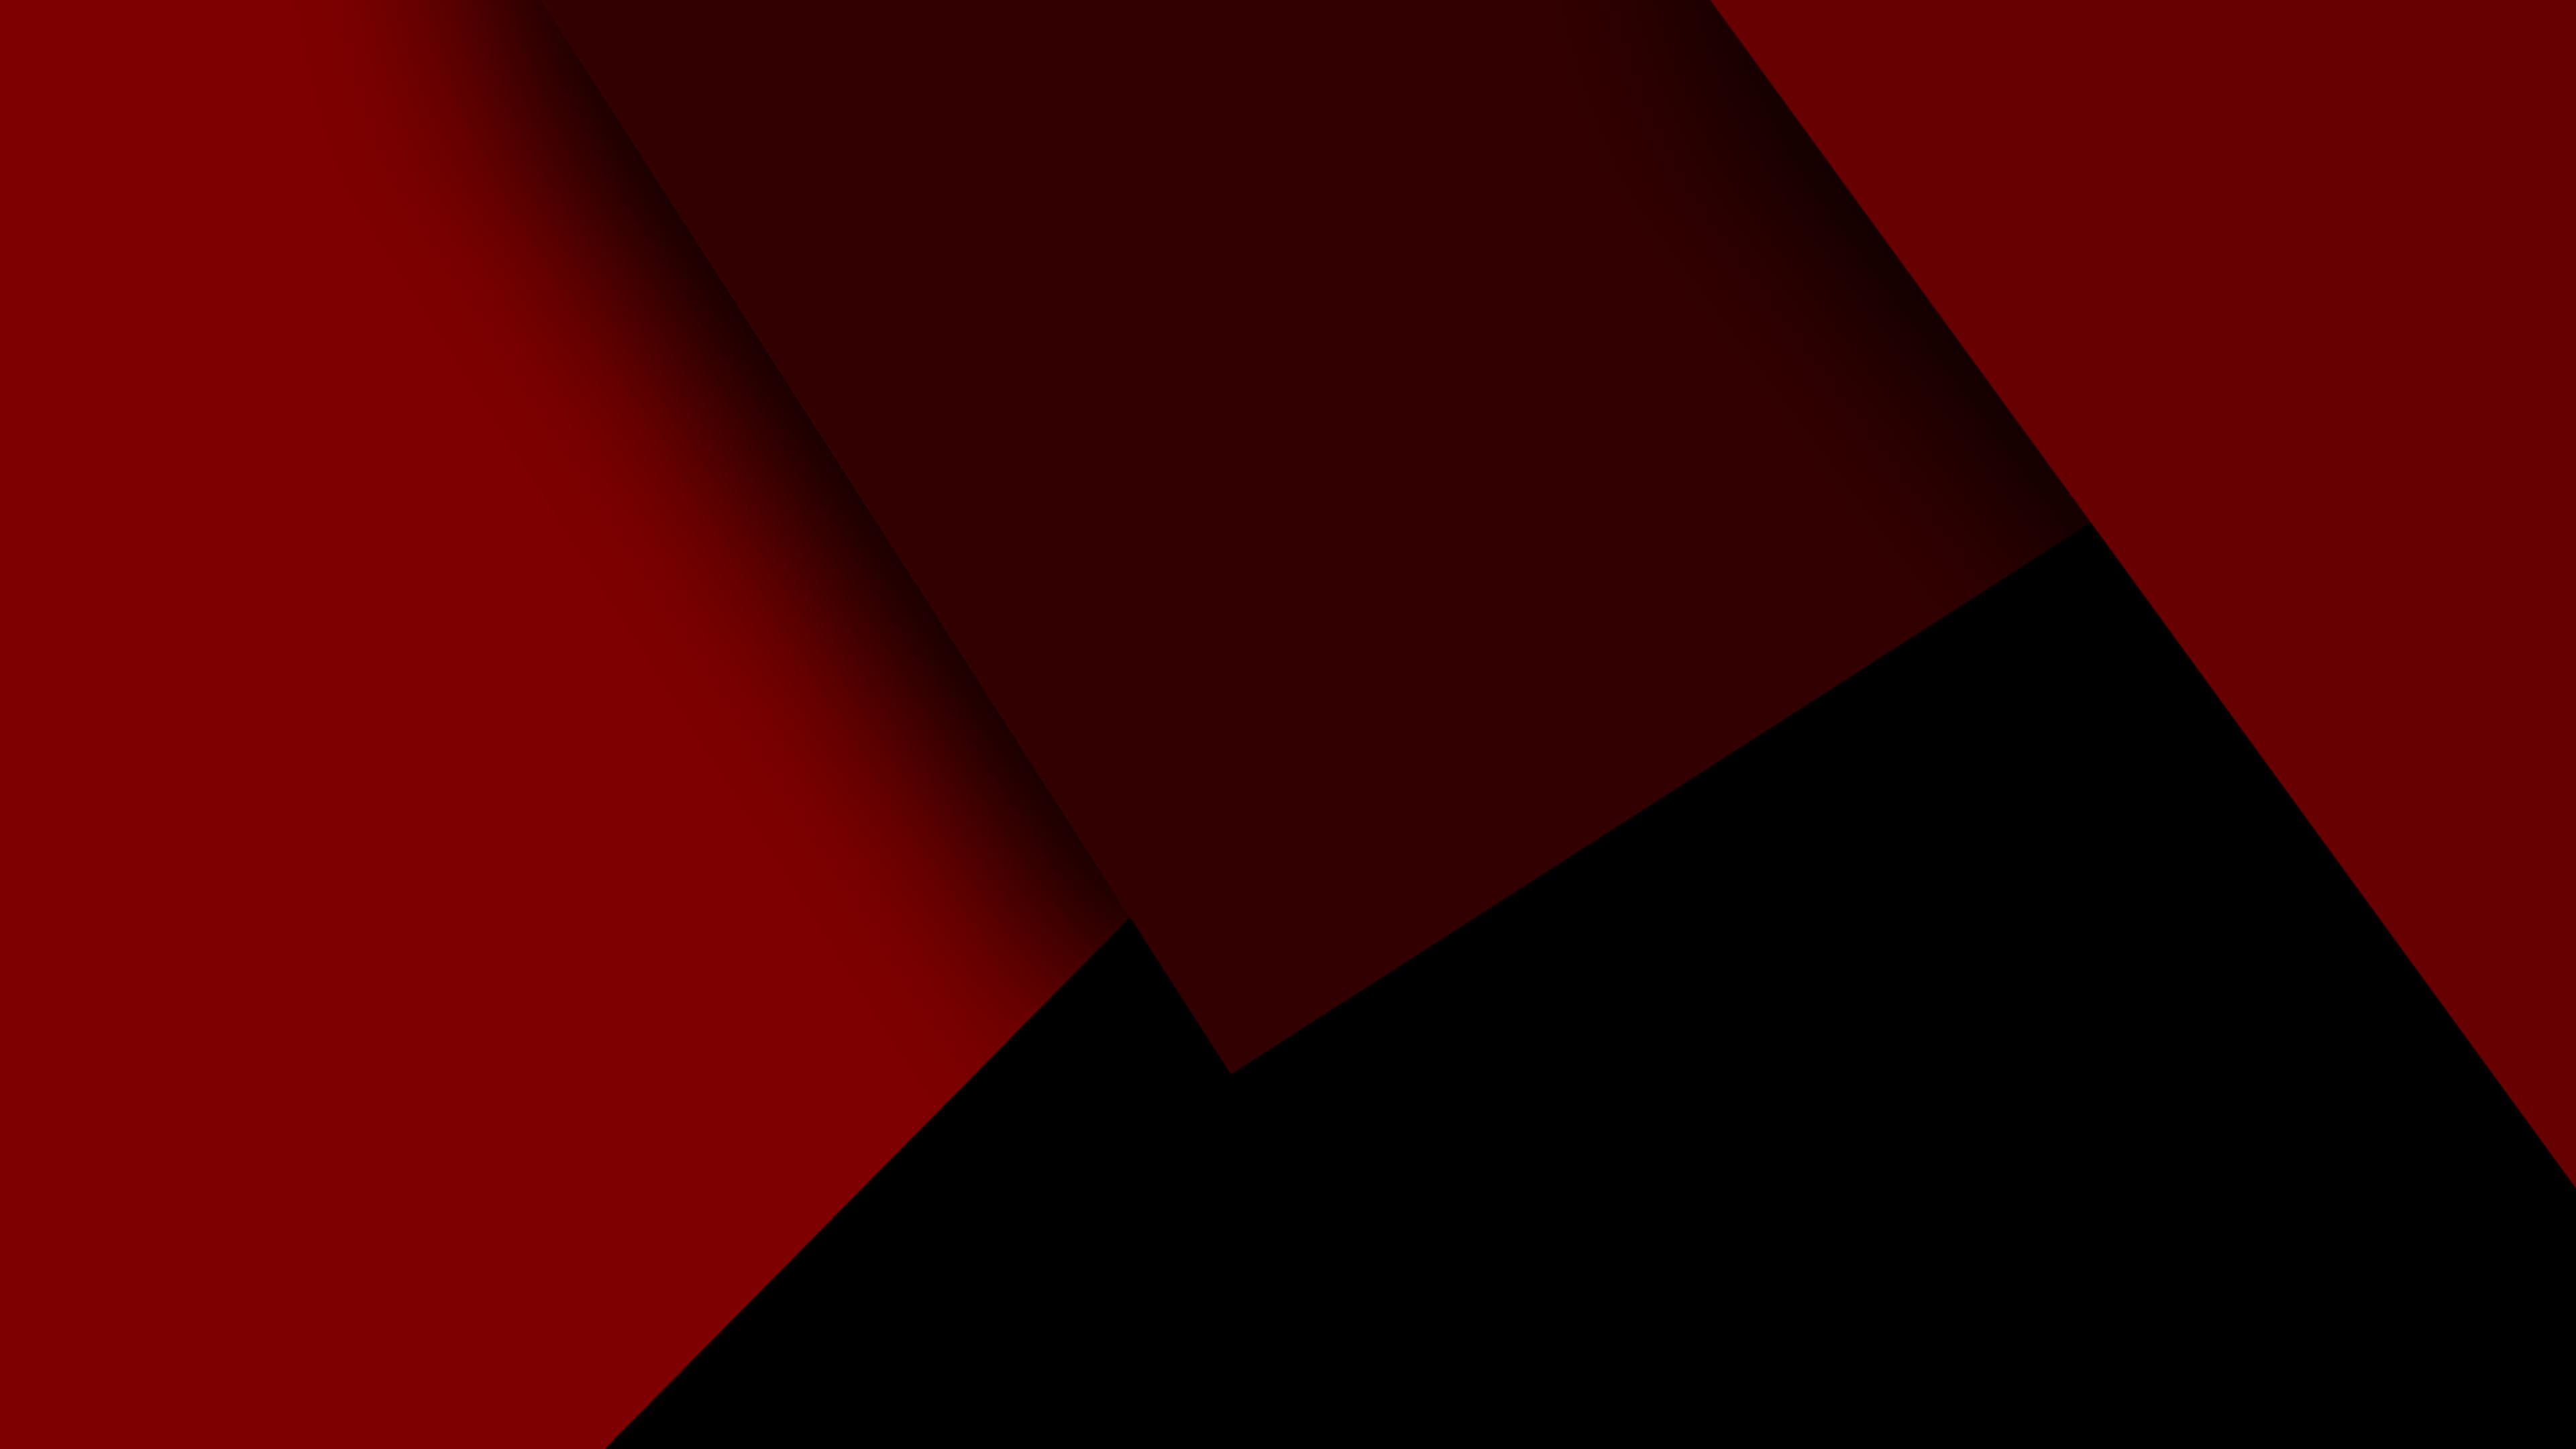 цвет бордо  № 1853906 загрузить